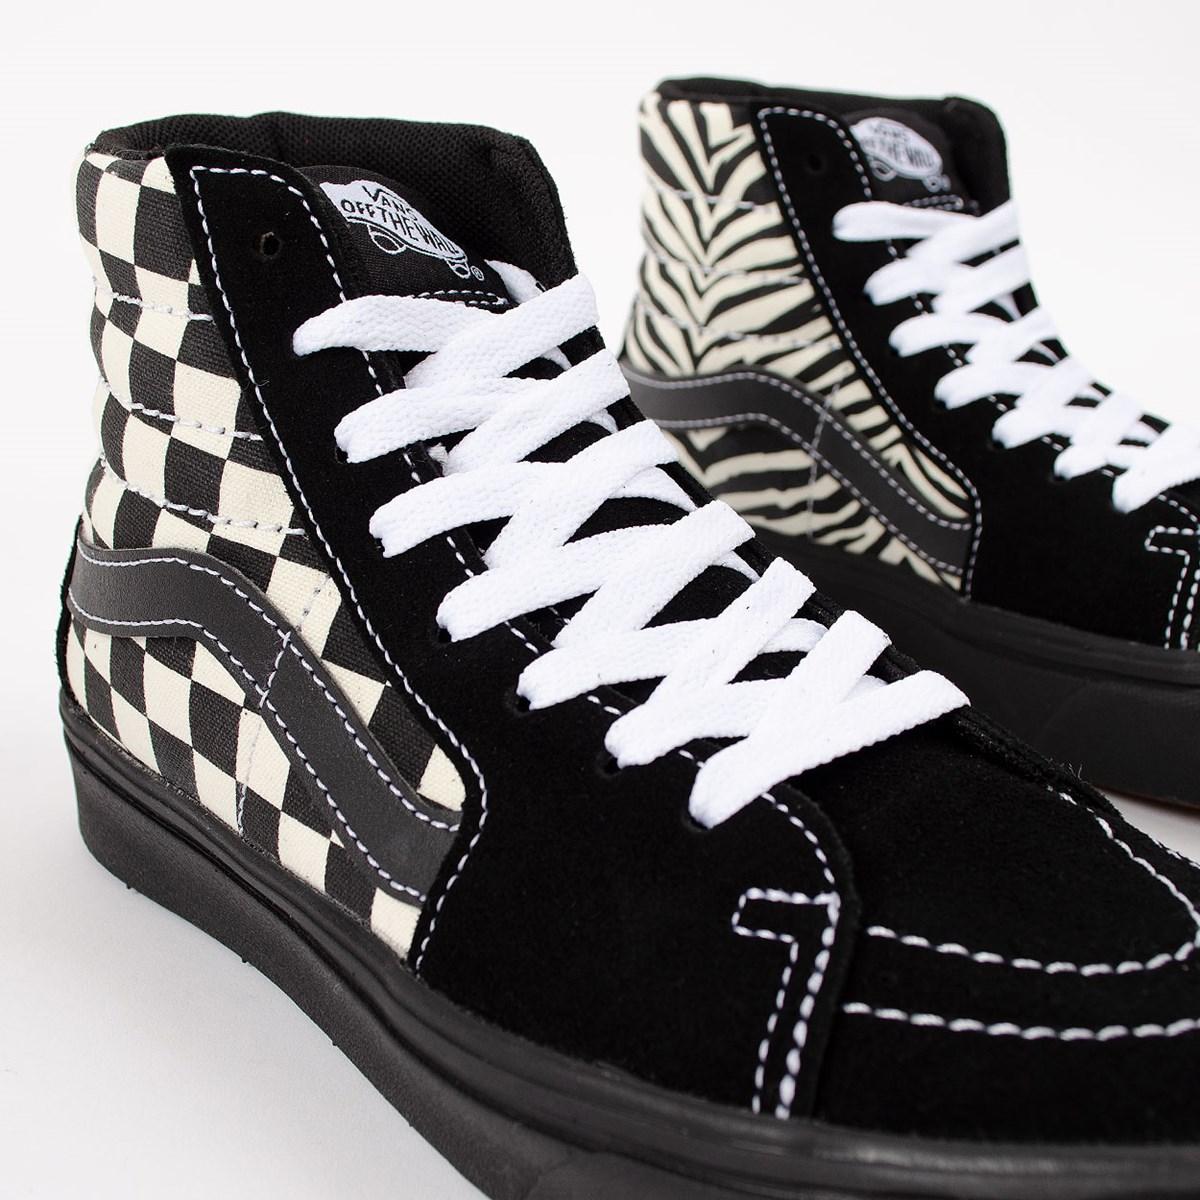 Tênis Vans Comfycush Sk8 Hi Mixed Media Antique White Black VN0A3WMB17Q